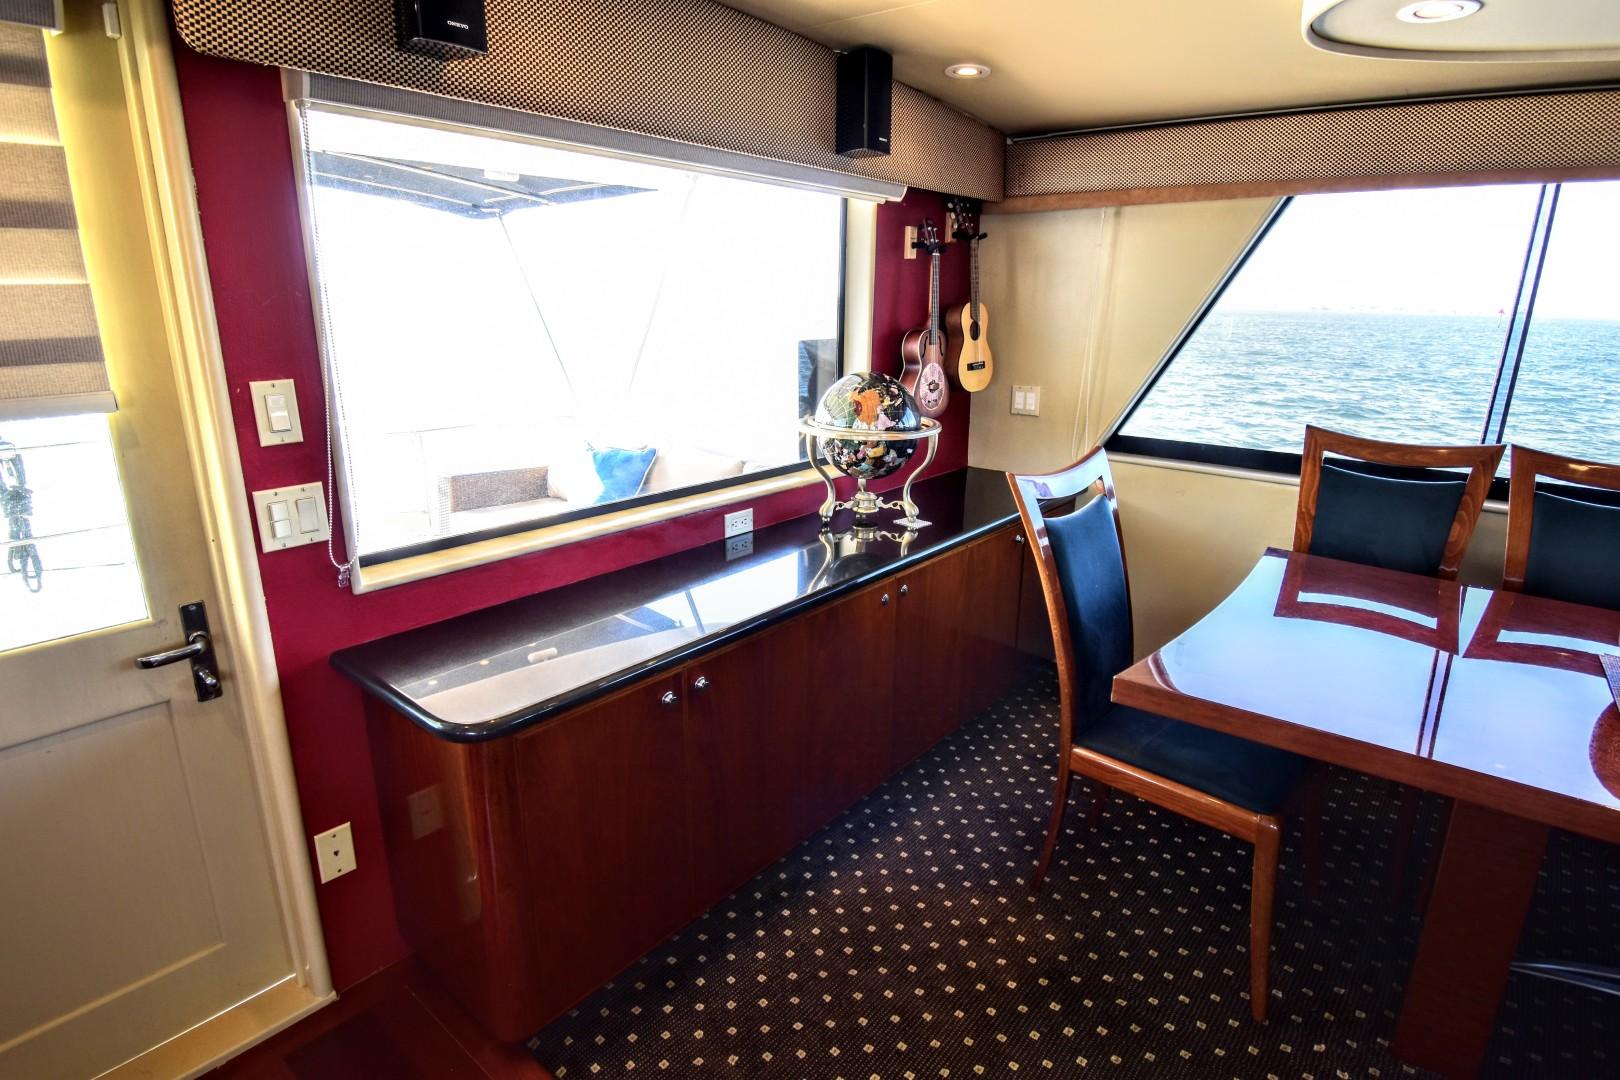 Hatteras-82 Cockpit Motor Yacht 1985-Papillon Seabrook-Texas-United States-Hatteras Motor Yacht 1985 Papillon-1345372 | Thumbnail